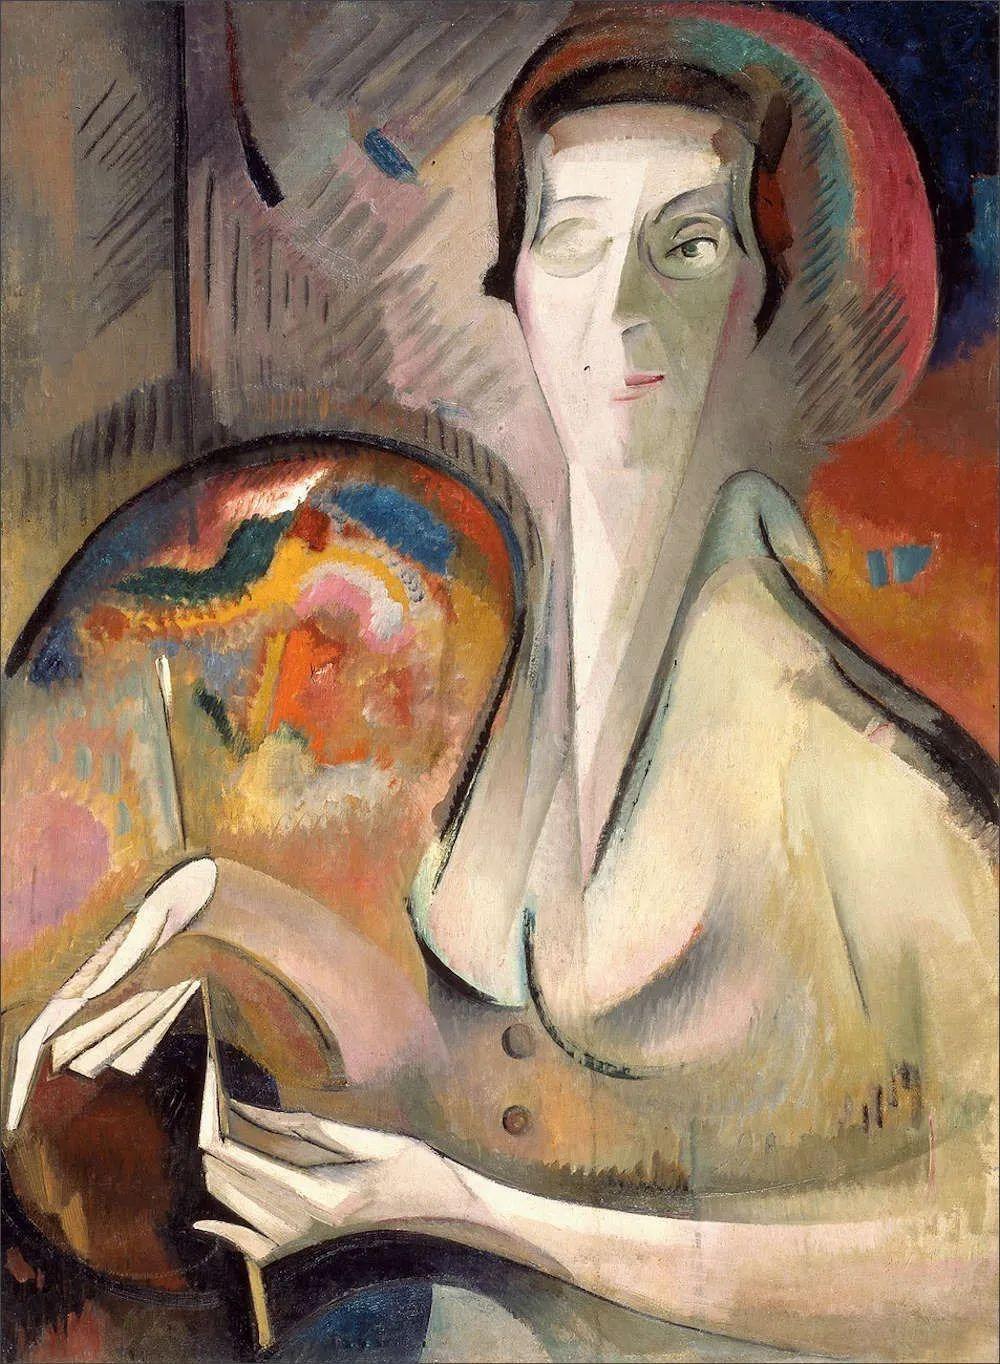 强烈的色彩和粗犷的线条,瑞士先锋派女画家艾丽丝·贝利!插图53